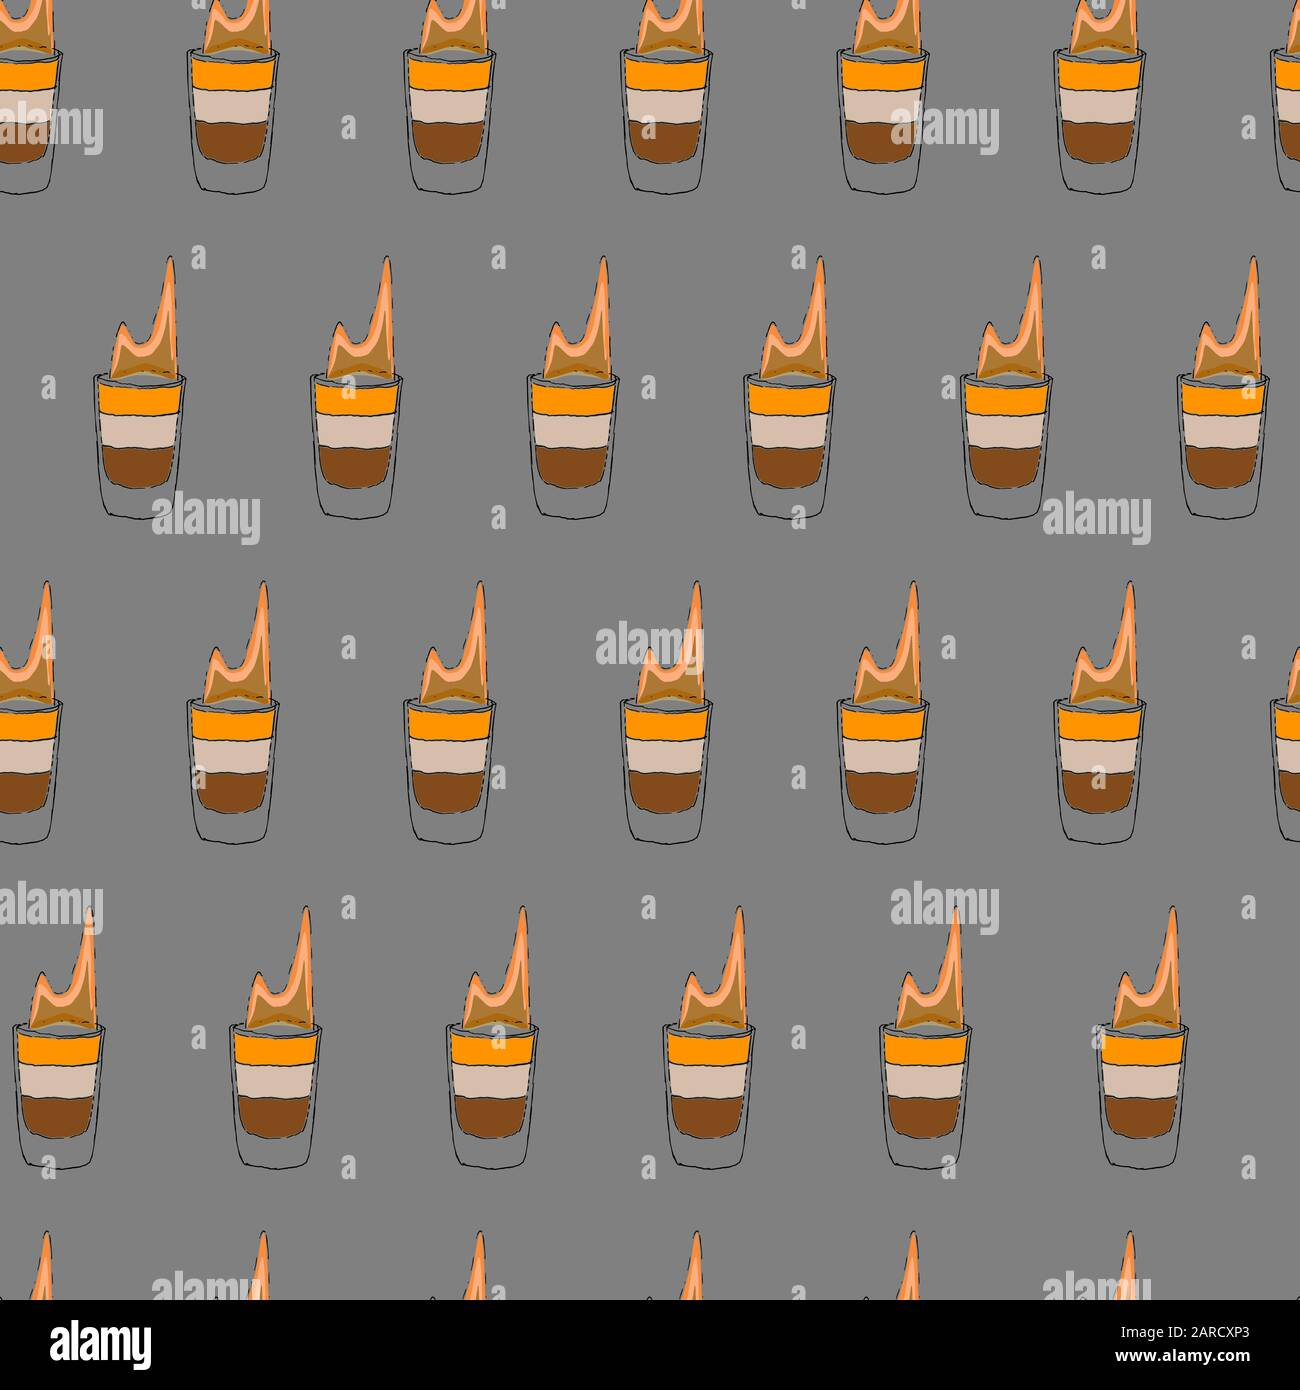 Cocktail sans coutures. Les contours d'esquisse de dessin à la main sur fond gris peuvent être imprimés sur des textiles, du papier peint, du papier d'emballage, des cartes de vœux, utilisés dans le logo, la bannière, la page d'accueil. Illustration Vectorielle. EPS10 Illustration de Vecteur